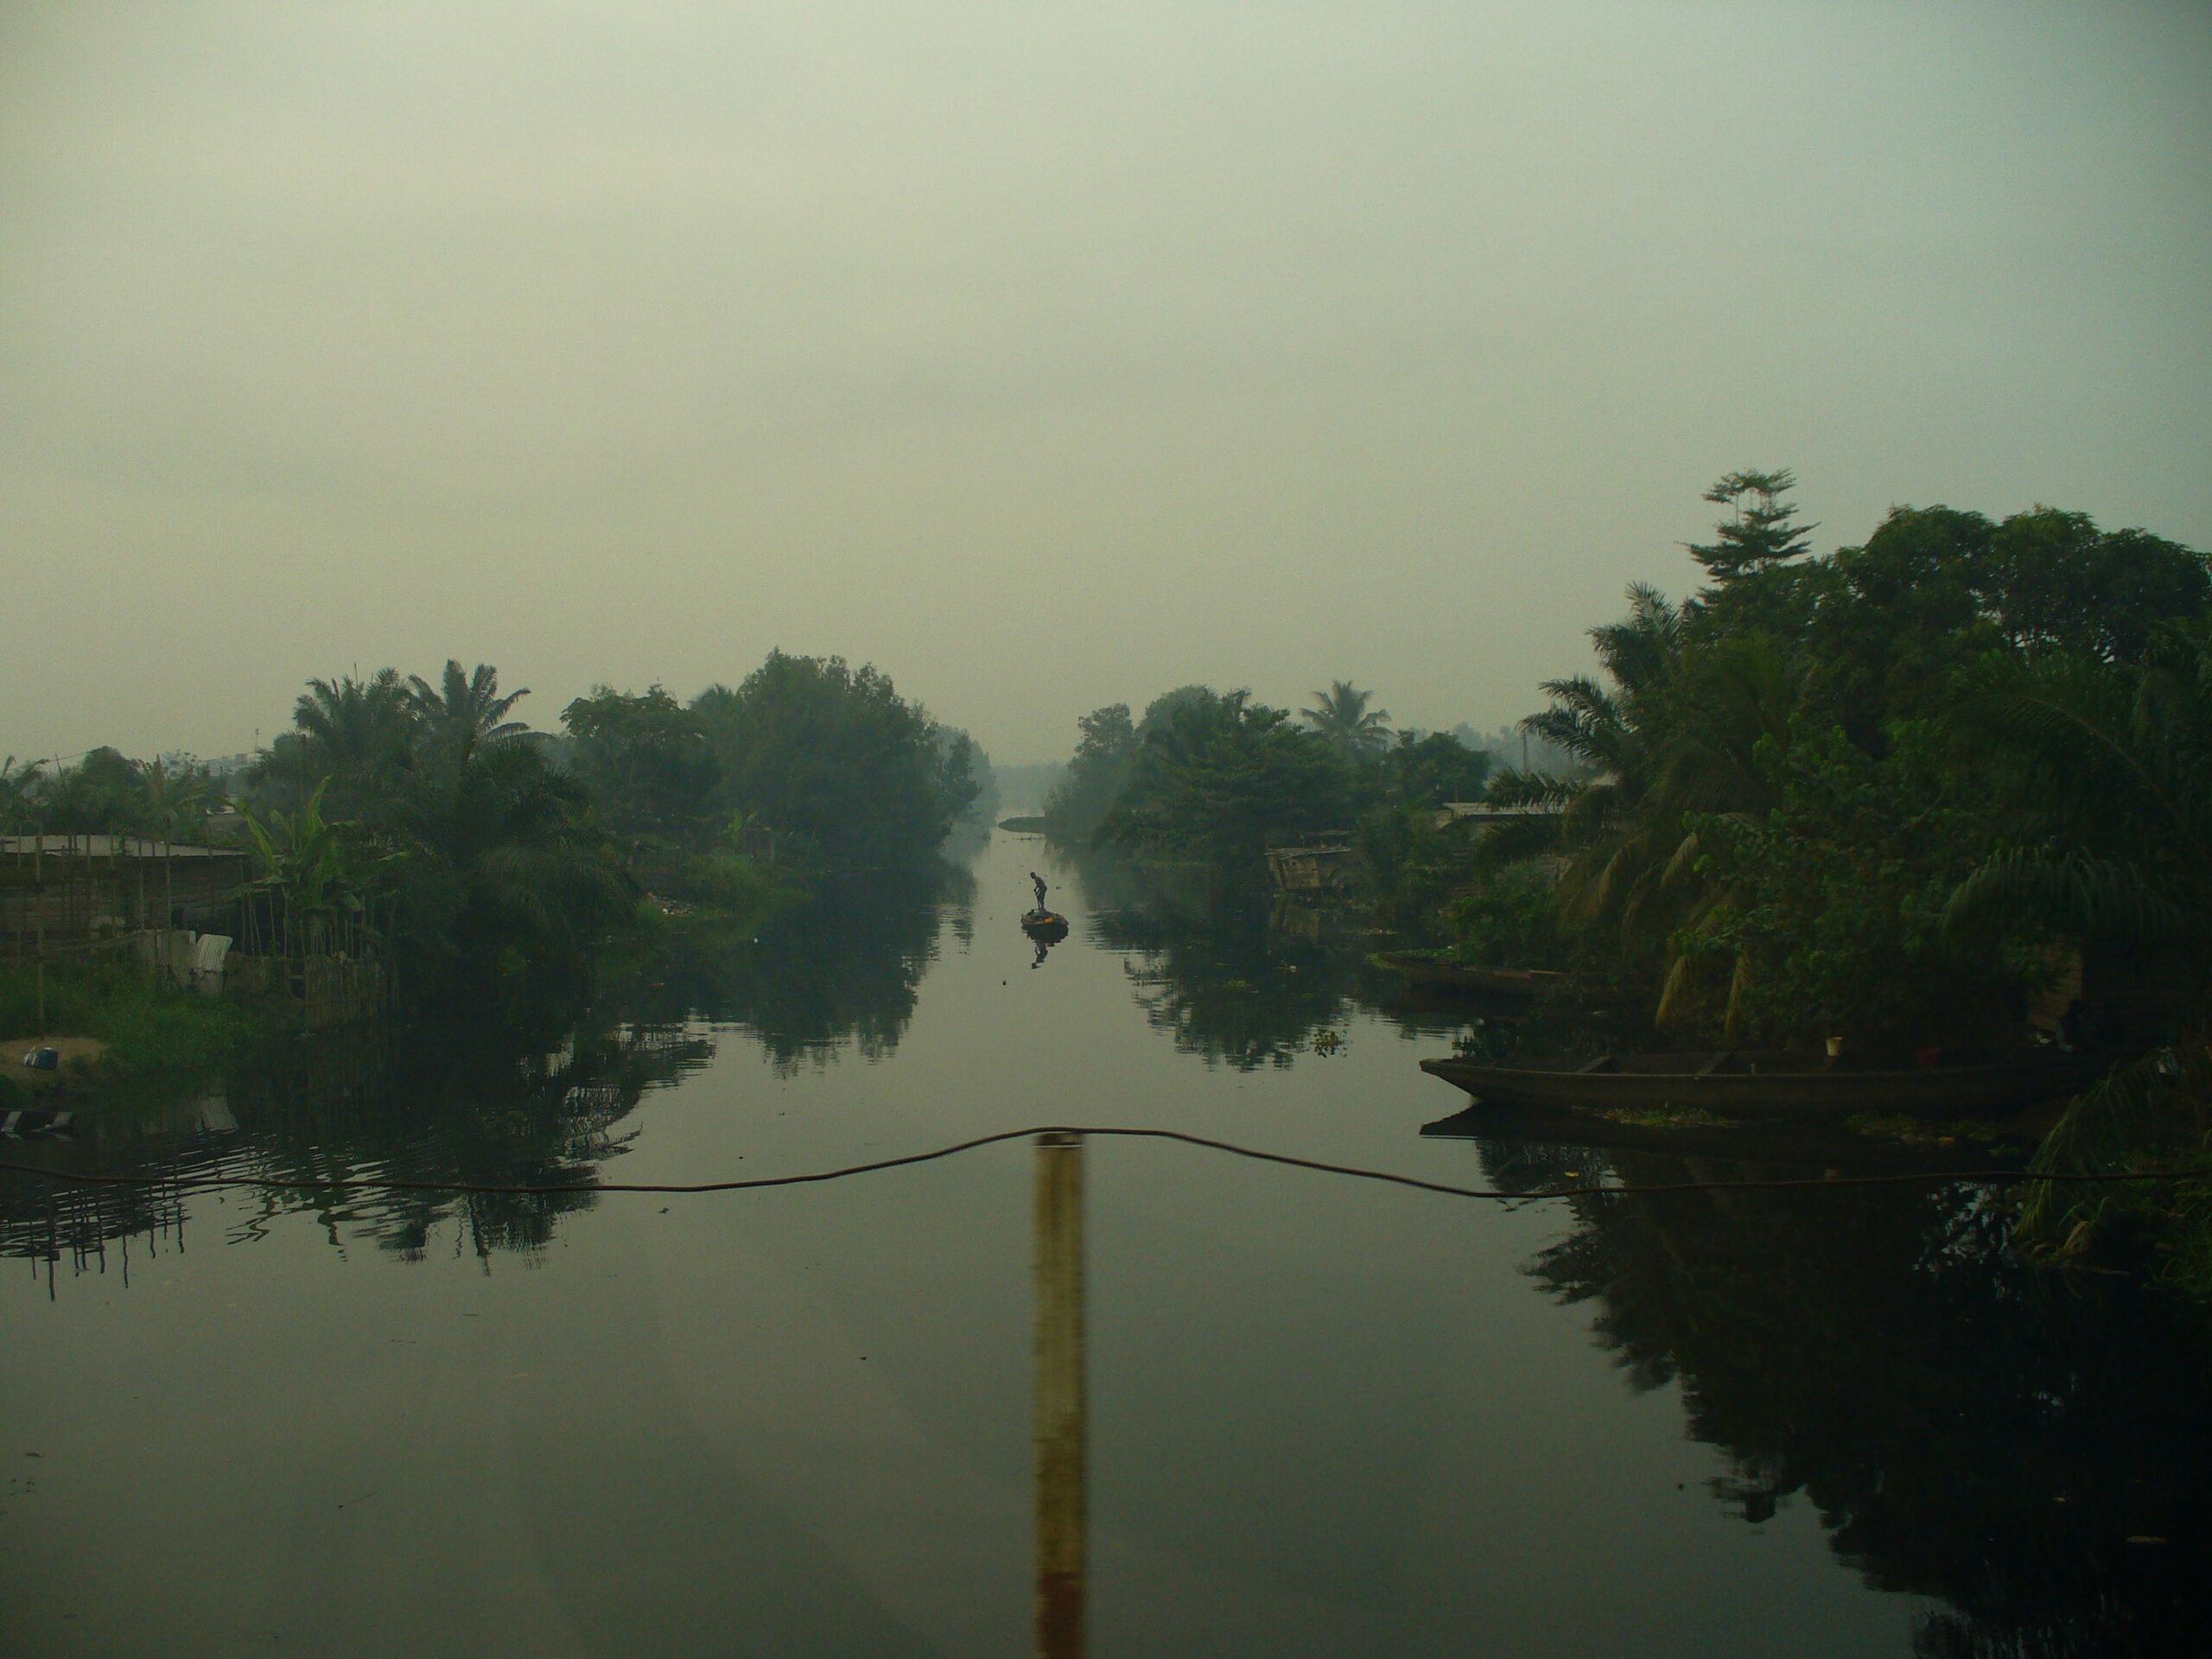 Dreamy Cameroon river scene